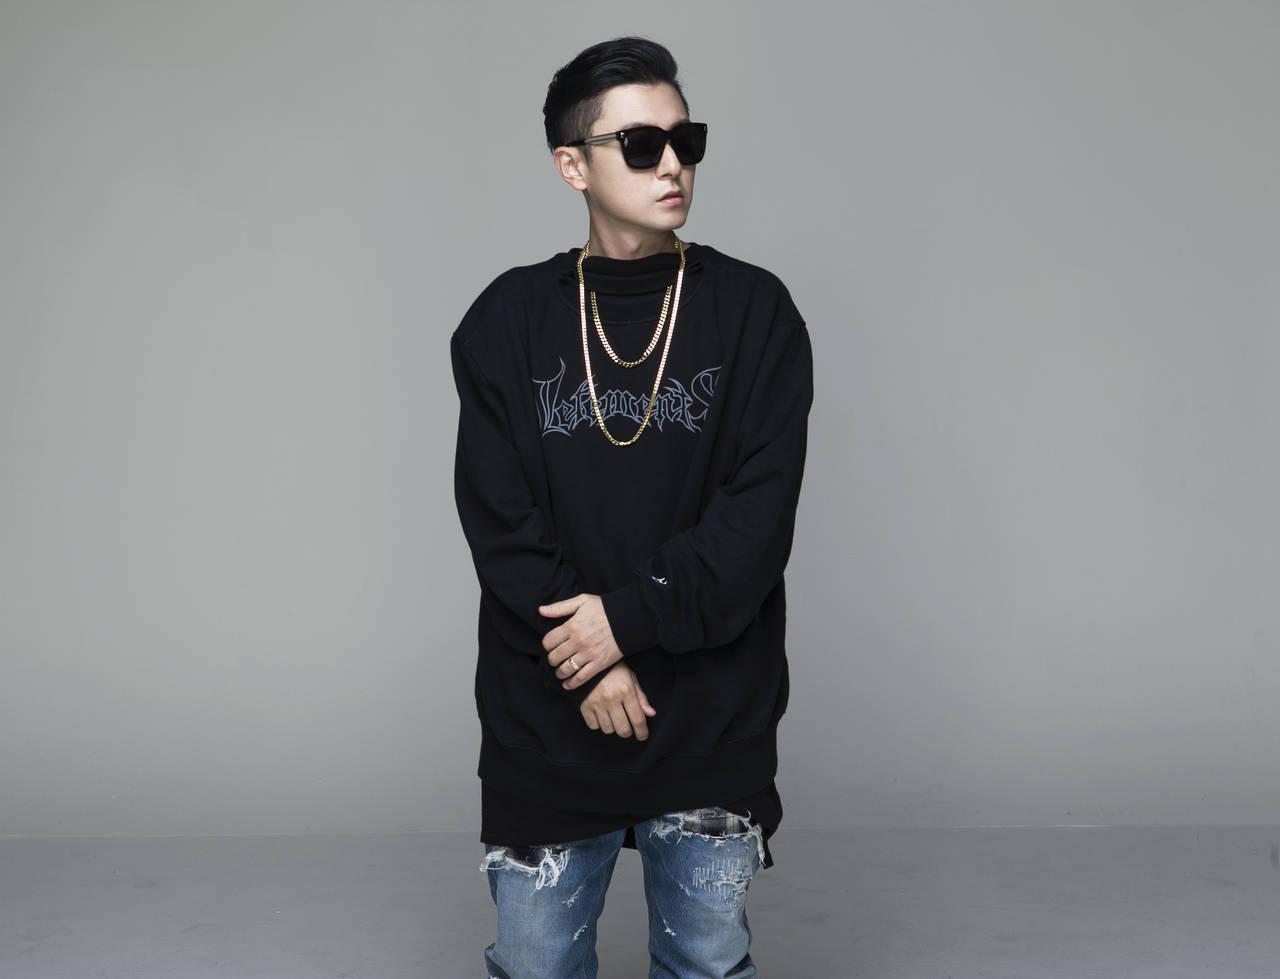 韓国ヒップホップ最重要レーベルHi-Lite Records所属のHuckleberry P(ハックルベリー・ピー)若手ラッパーたちとコラボしたシングル「DNA (Youth Remix)」をリリース